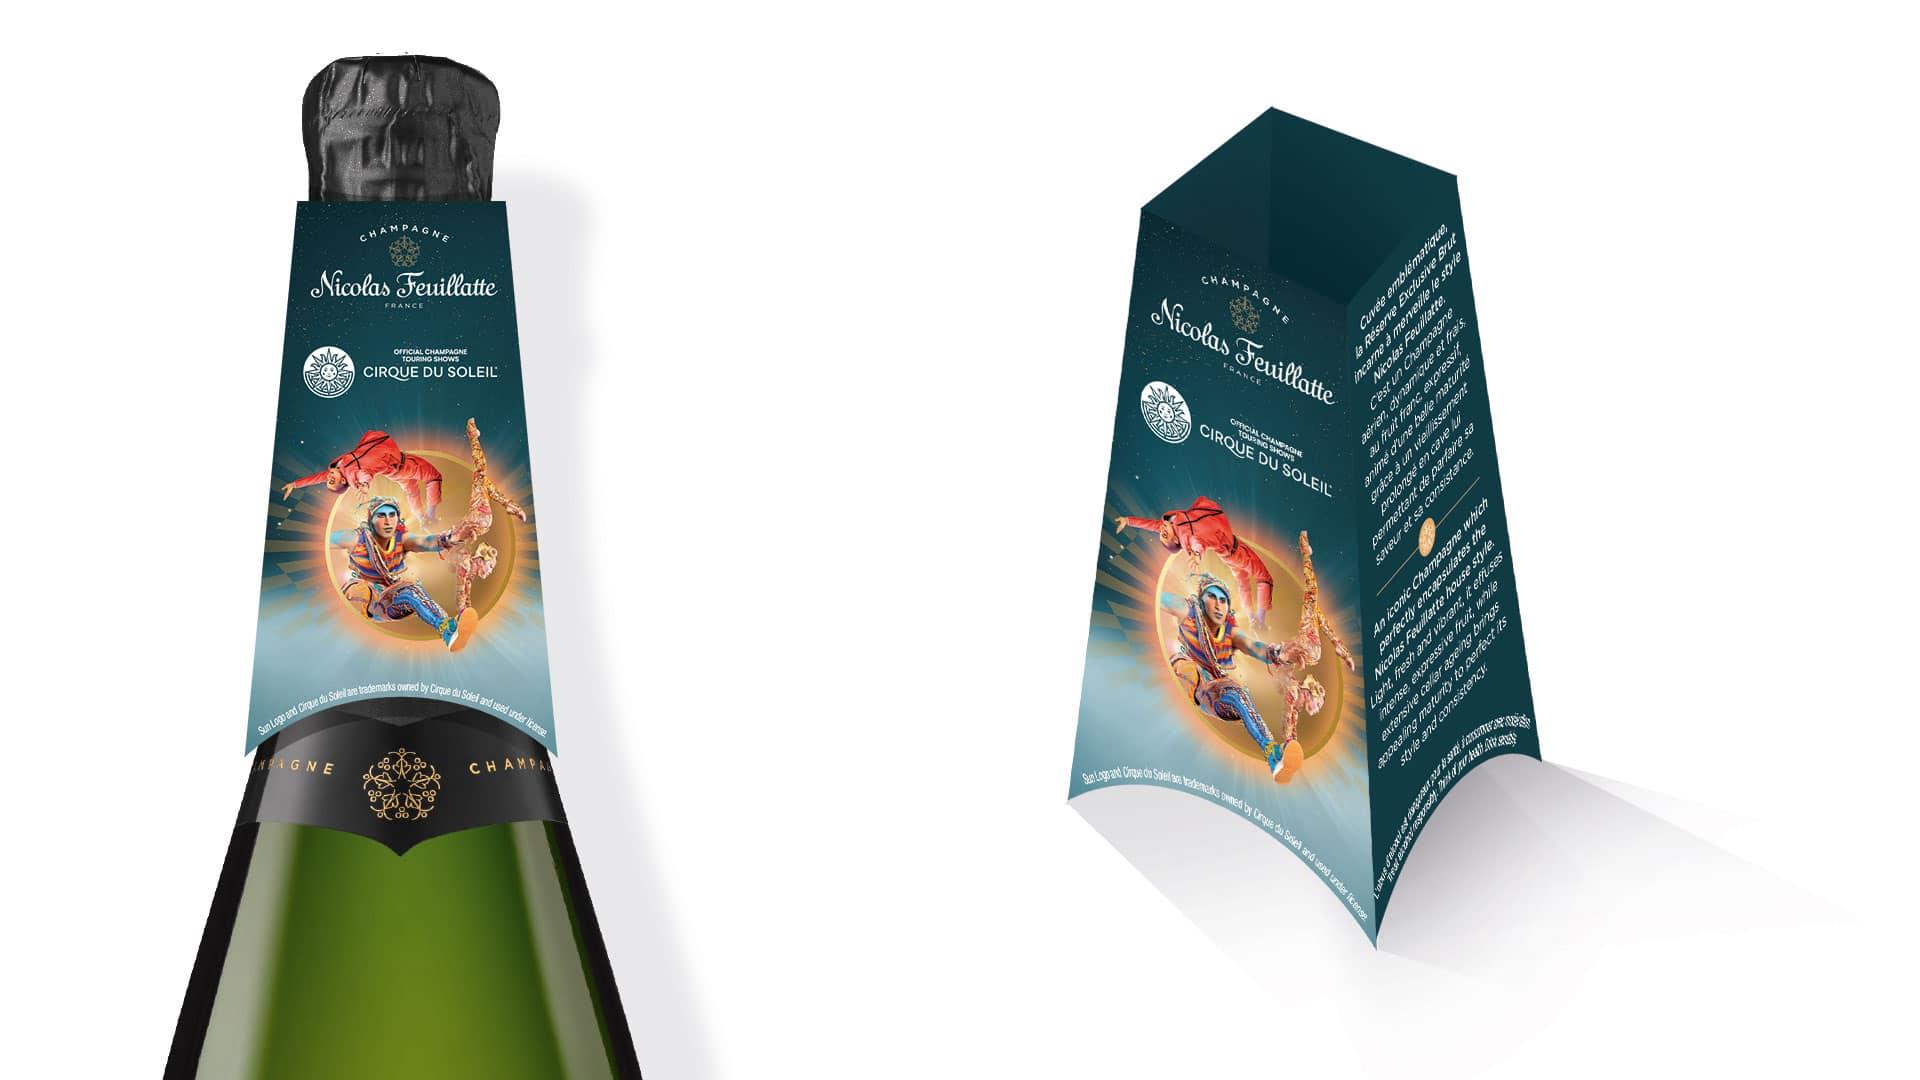 Il y a le haut d'une bouteille de champagne, de la marque de champagne Nicolas Feuillatte avec un support qui met en avant le partenariat de Nicolas Feuillatte avec le Cirque du soleil. Supports réalisés par l'agence de communication et marketing Siouxe.